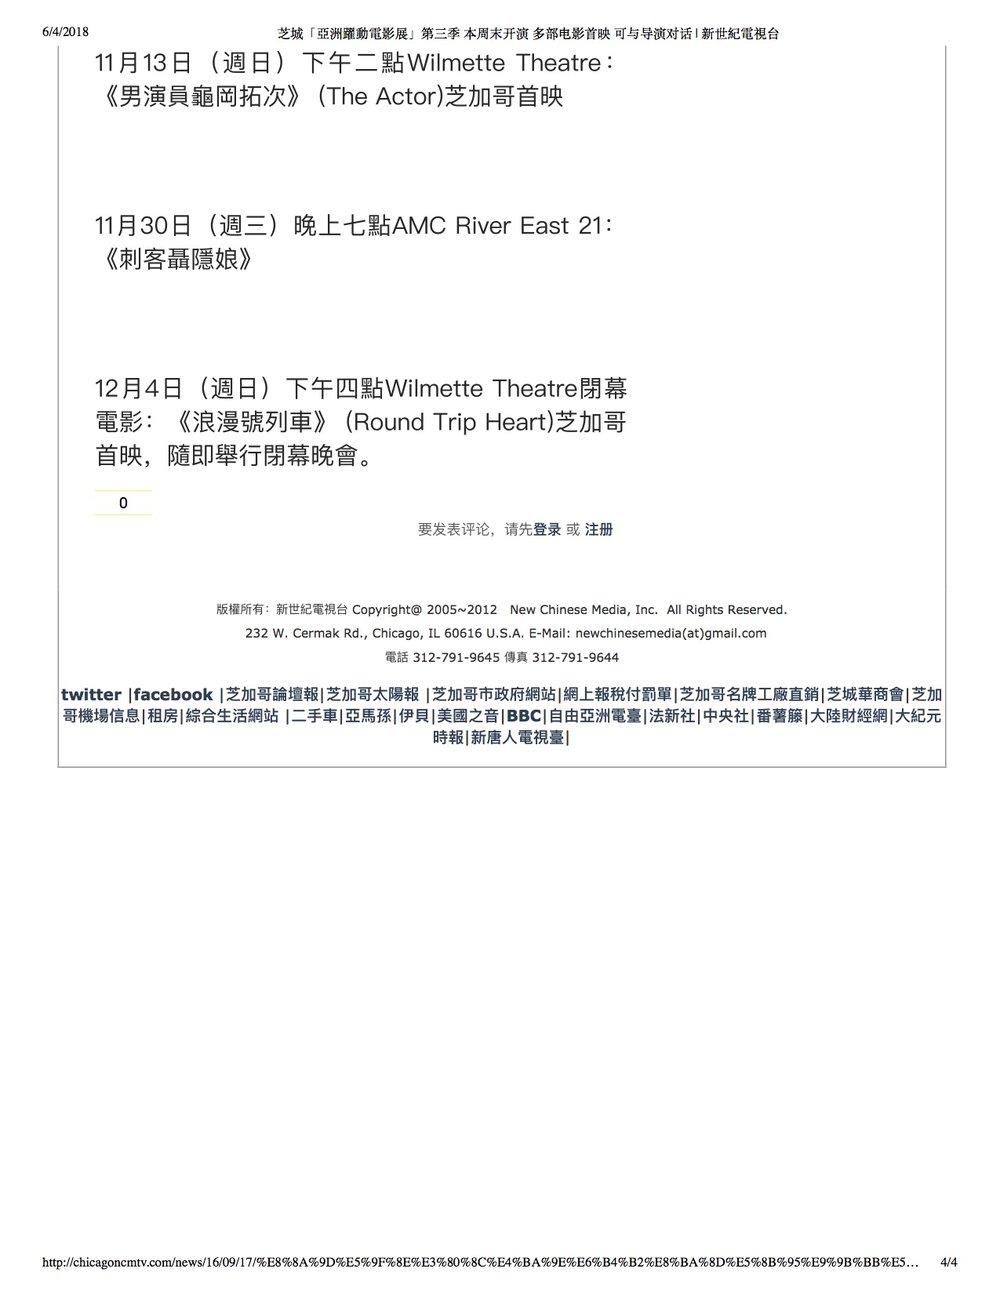 4芝城「亞洲躍動電影展」第三季 本周末开演 多部电影首映 可与导演对话 _ 新世紀電視台.jpg